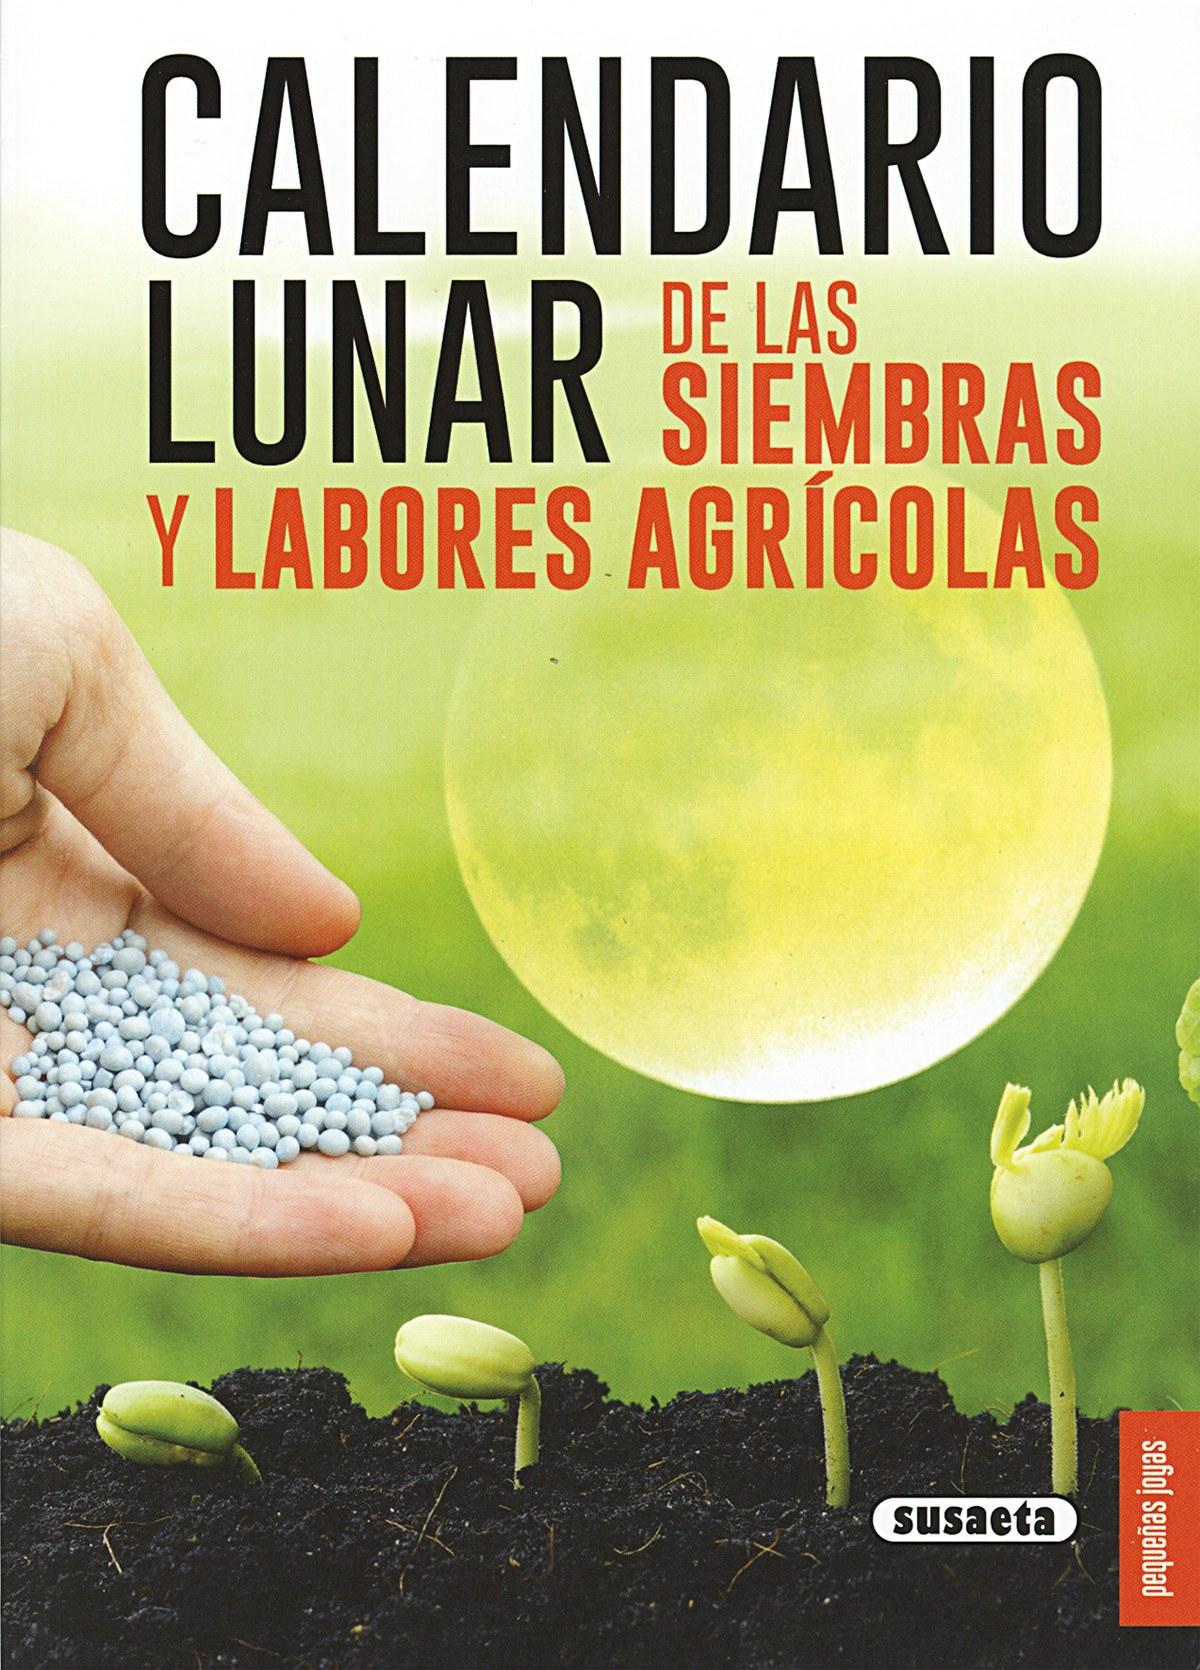 Calendario lunar siembras y labores agricolas 9788467751413